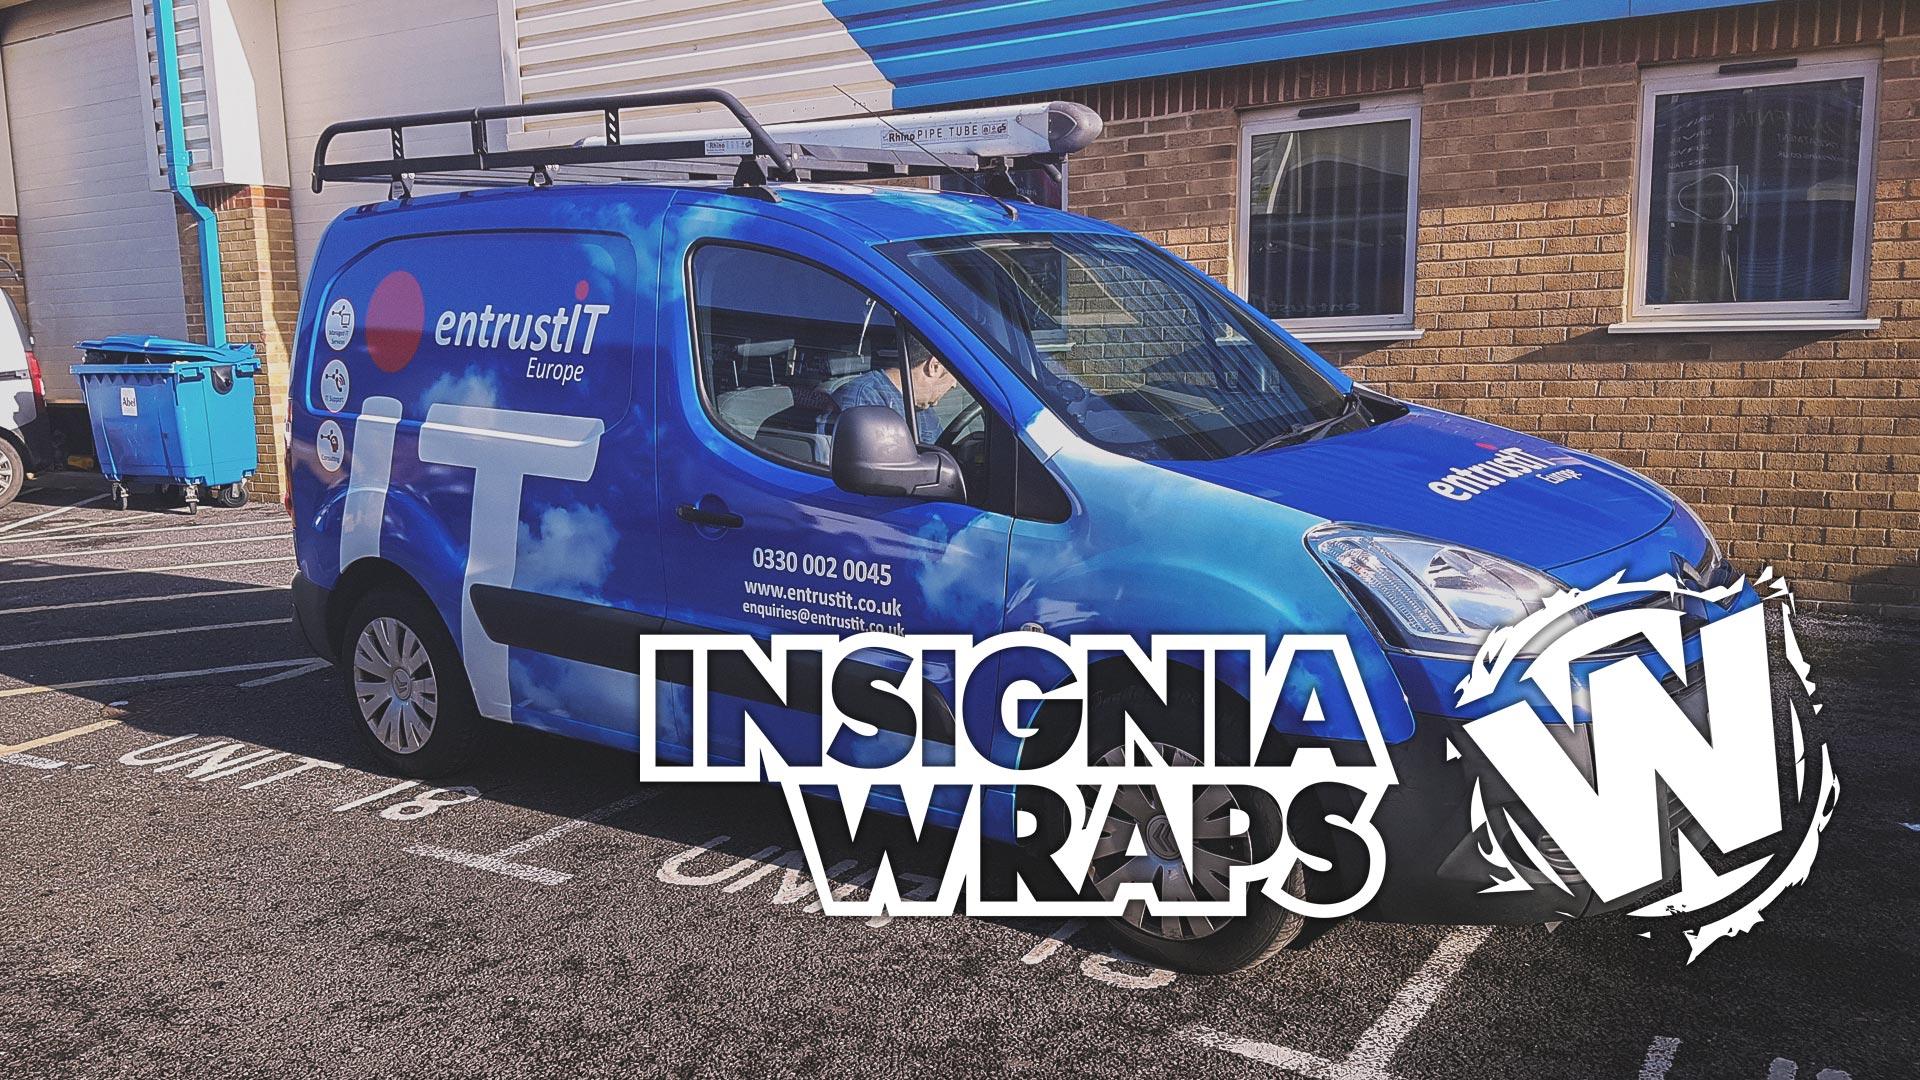 Insignia Wraps - Wraps Work - Entrust Van